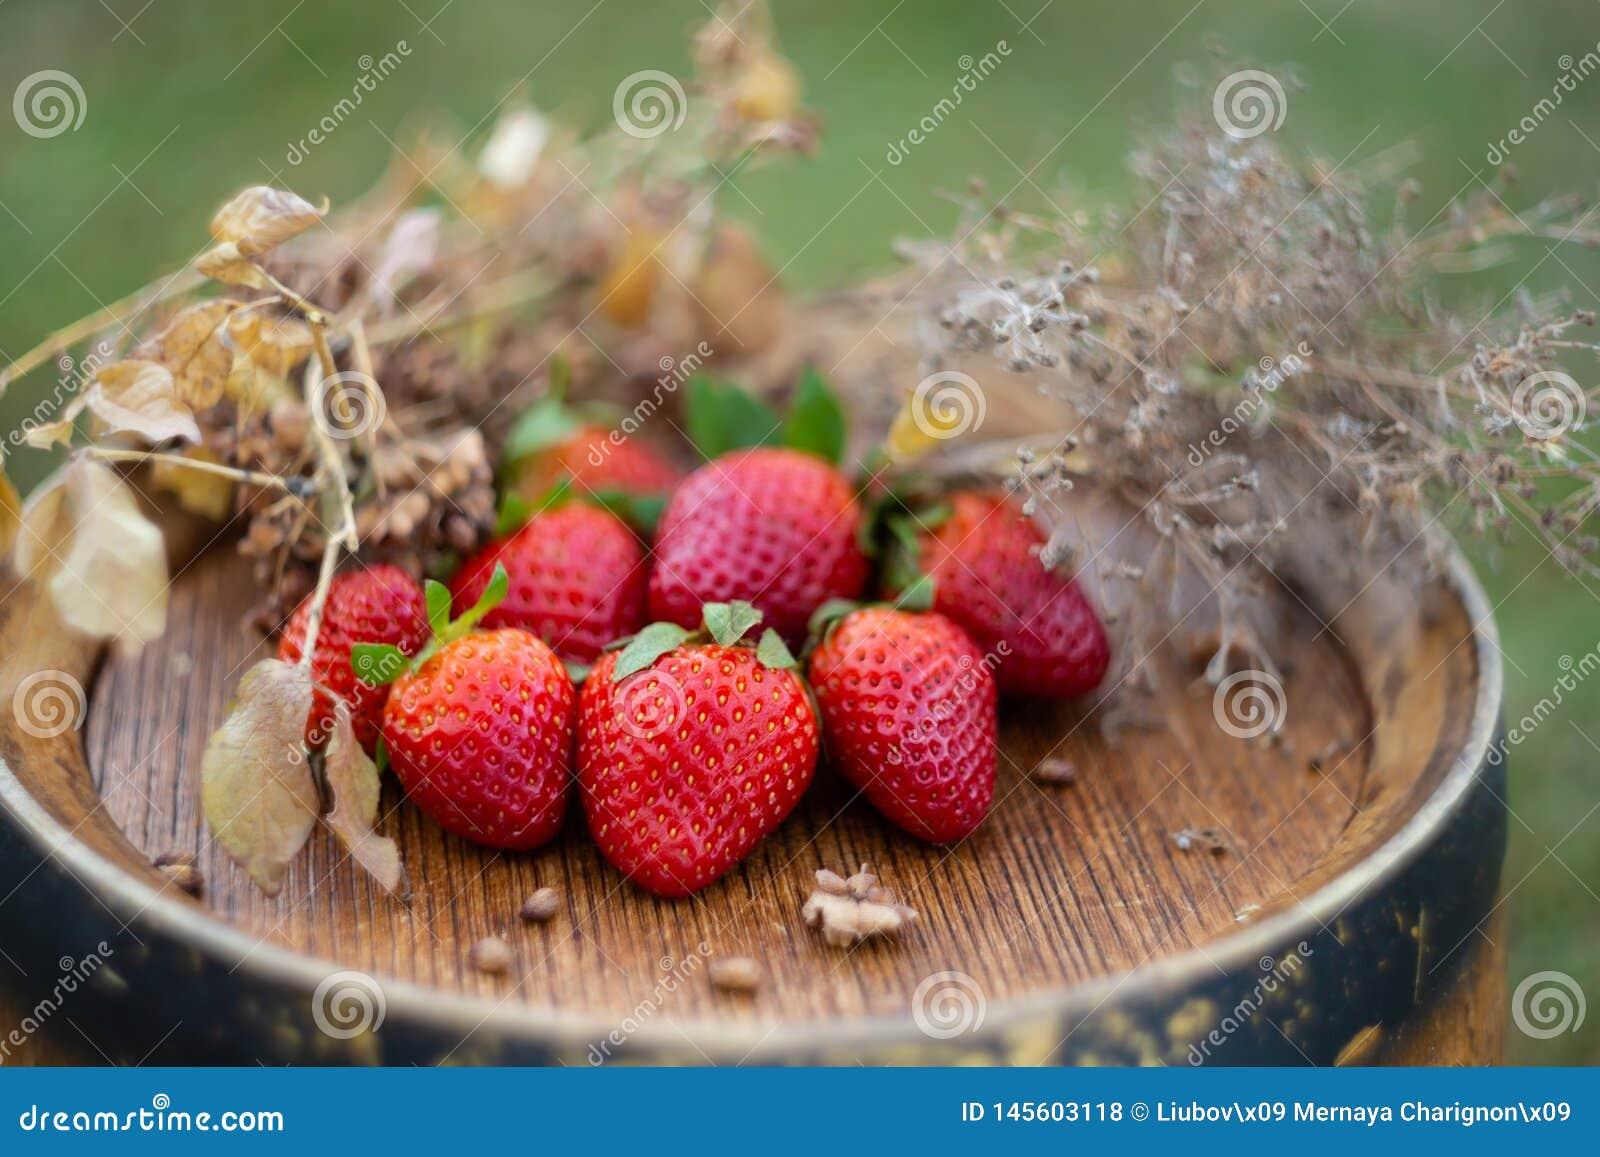 Rote Erdbeeren und trockenes Gras auf einem hölzernen Weinfaß